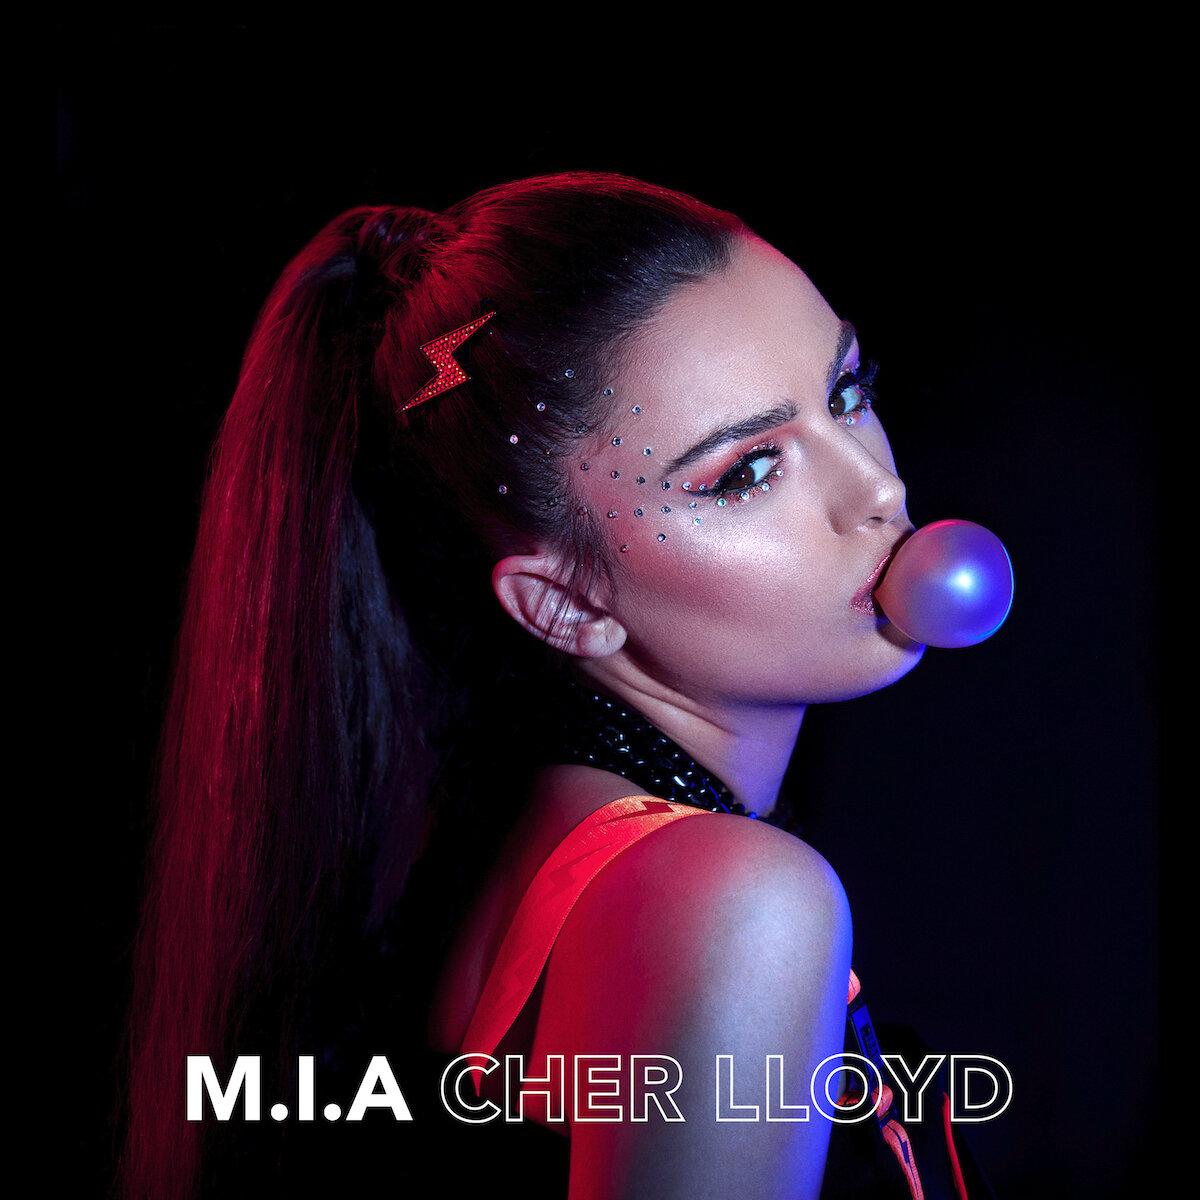 Cher-Lloyd_MIA-1200px.jpg